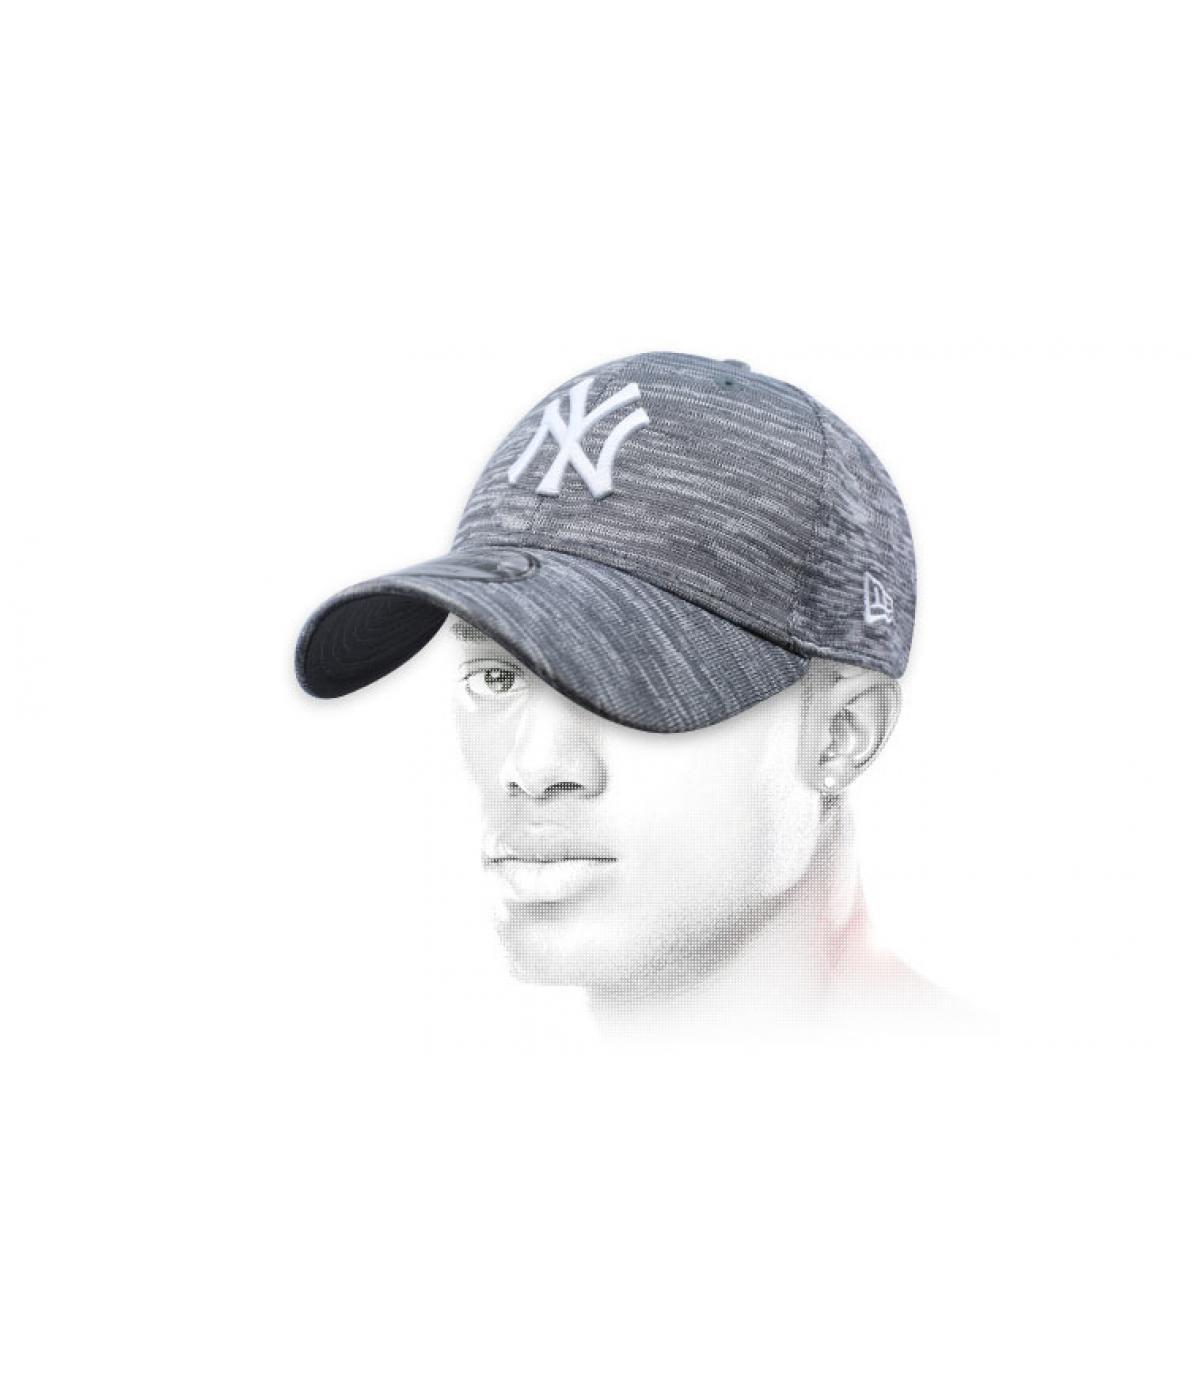 Cappellino grigio - Acquisto   Vendita Cappellini grigi - Shop ... 2f213df54cd7